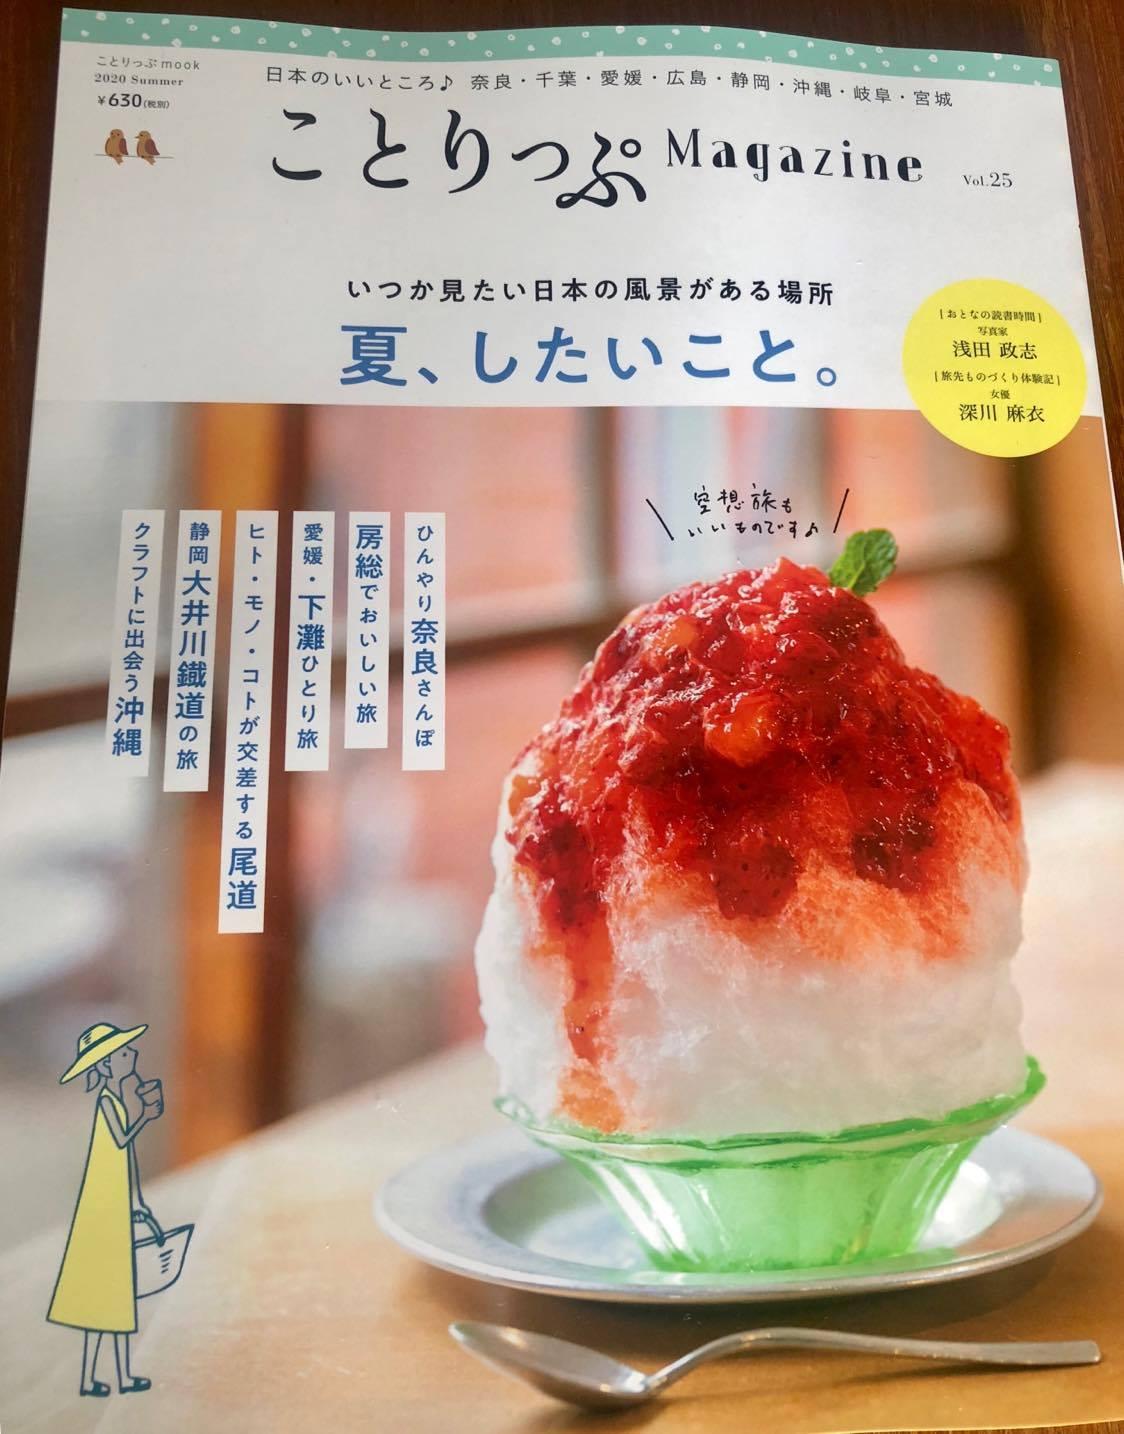 ことりっぷMagazine vol.25 「夏、したいこと」掲載